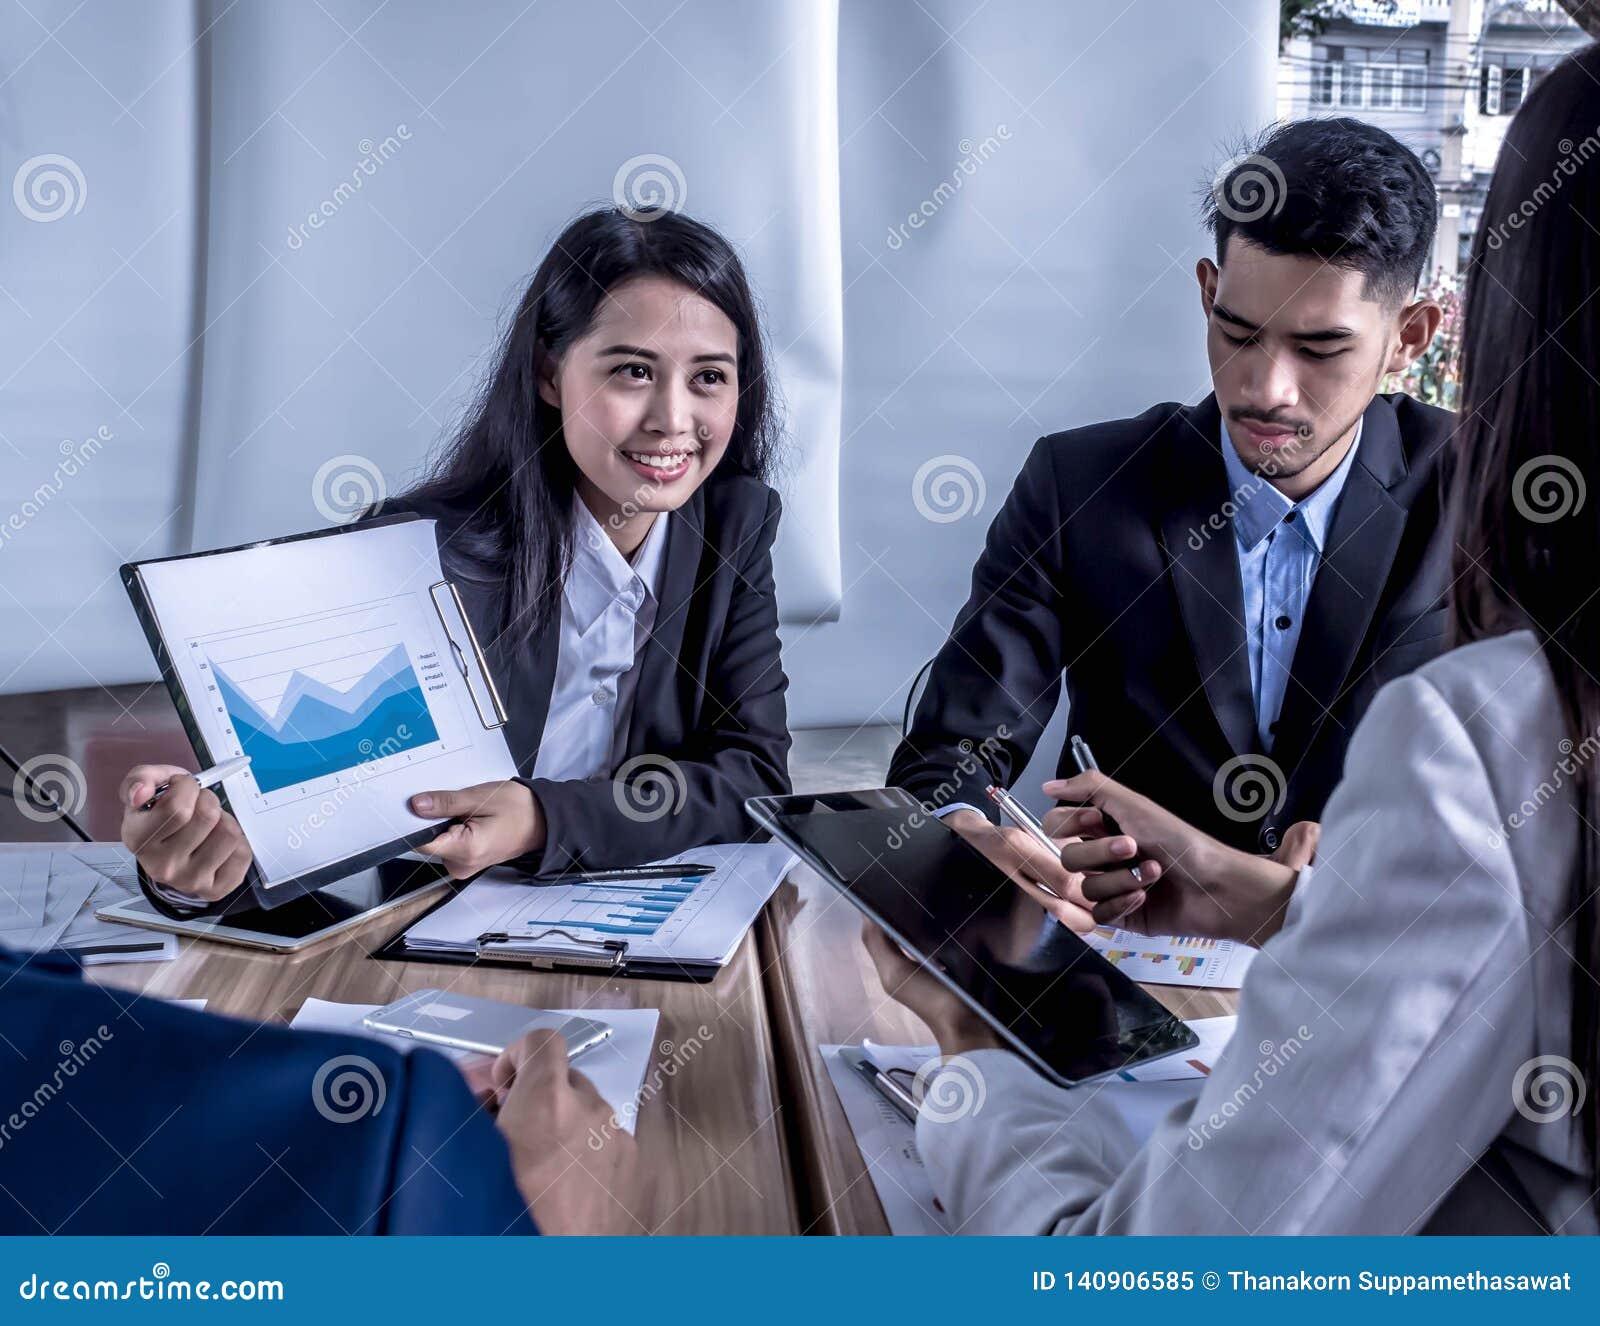 Άνθρωποι στην εργασία: επιχειρησιακή ομάδα που διοργανώνει μια συνεδρίαση με το γραφείο κατάρτισης ομάδων flipchart